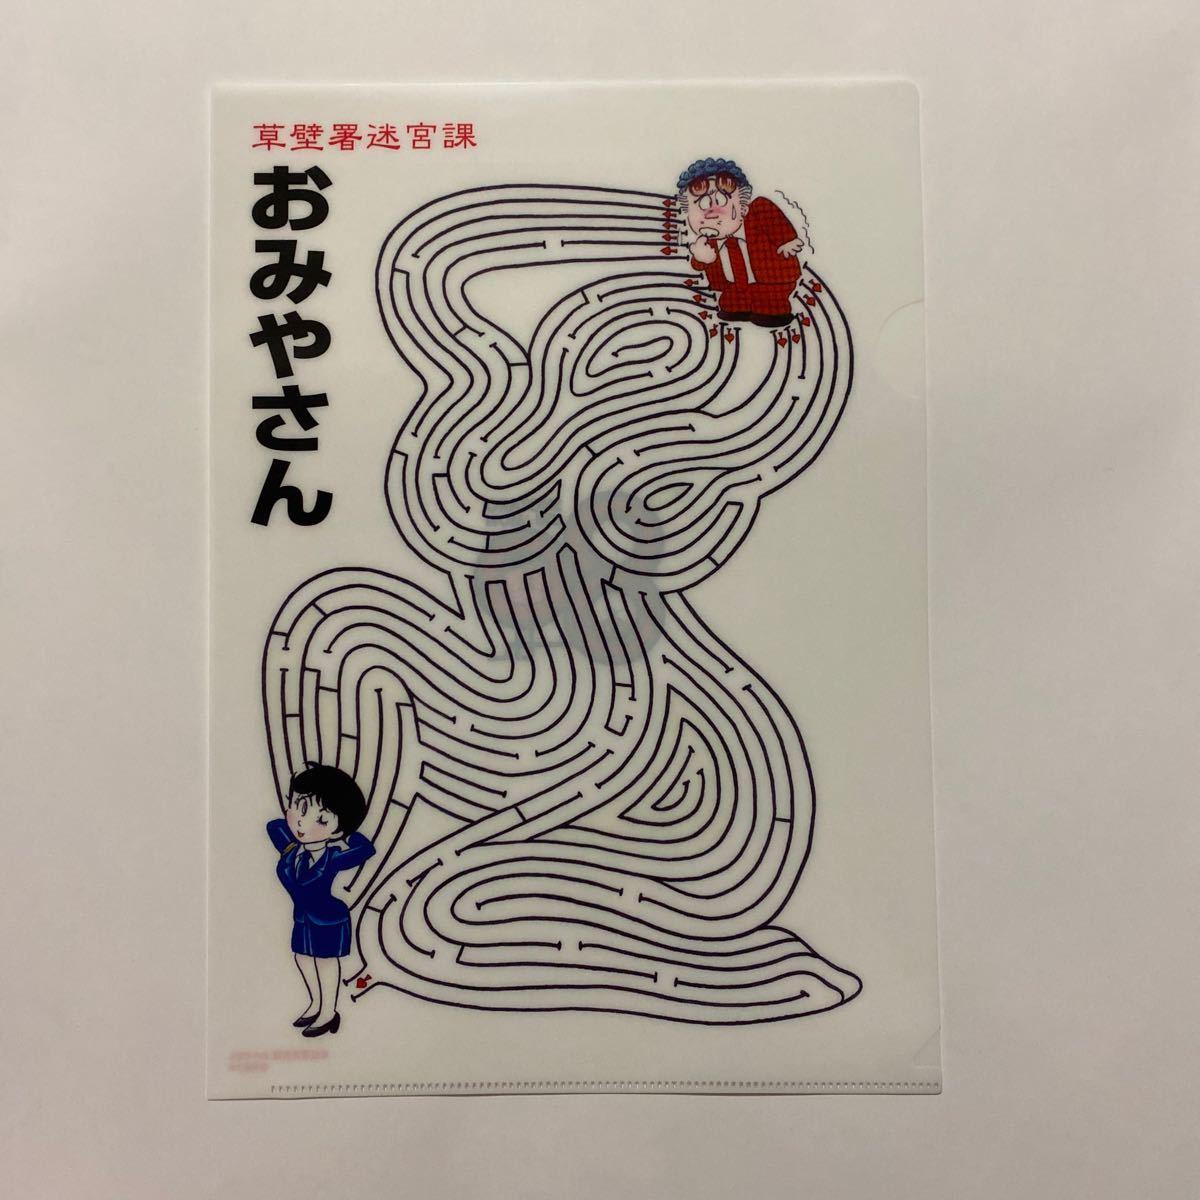 草壁署迷宮課 おみやさん 石ノ森章太郎 生誕80周年 記念 クリアファイル A4 新品未使用 ファイル_画像1